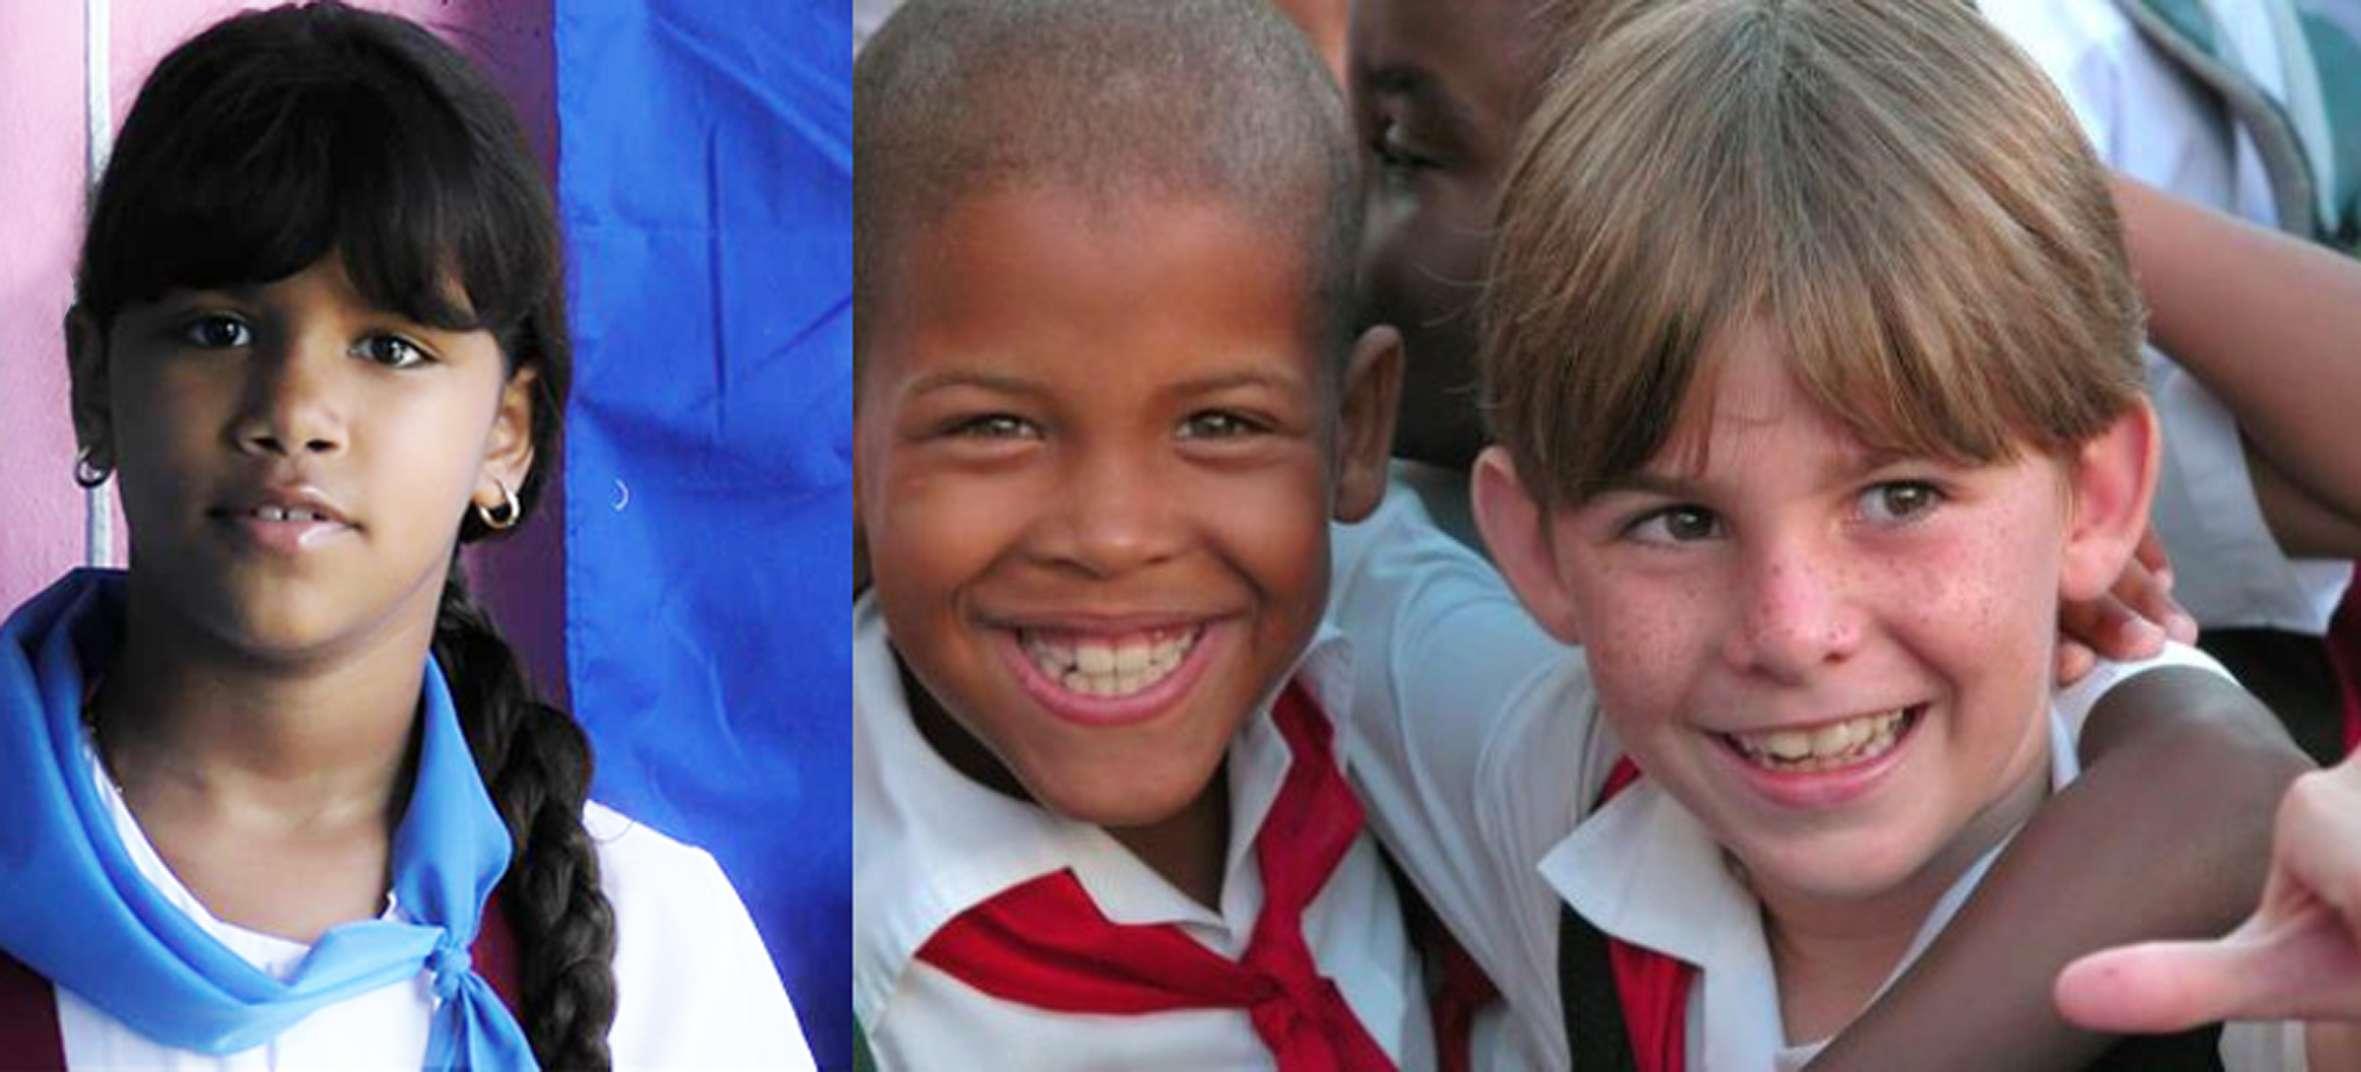 Η UNICEF επιβεβαιώνει: η Κούβα έχει μηδενικό ποσοστό παιδικού υποσιτισμού